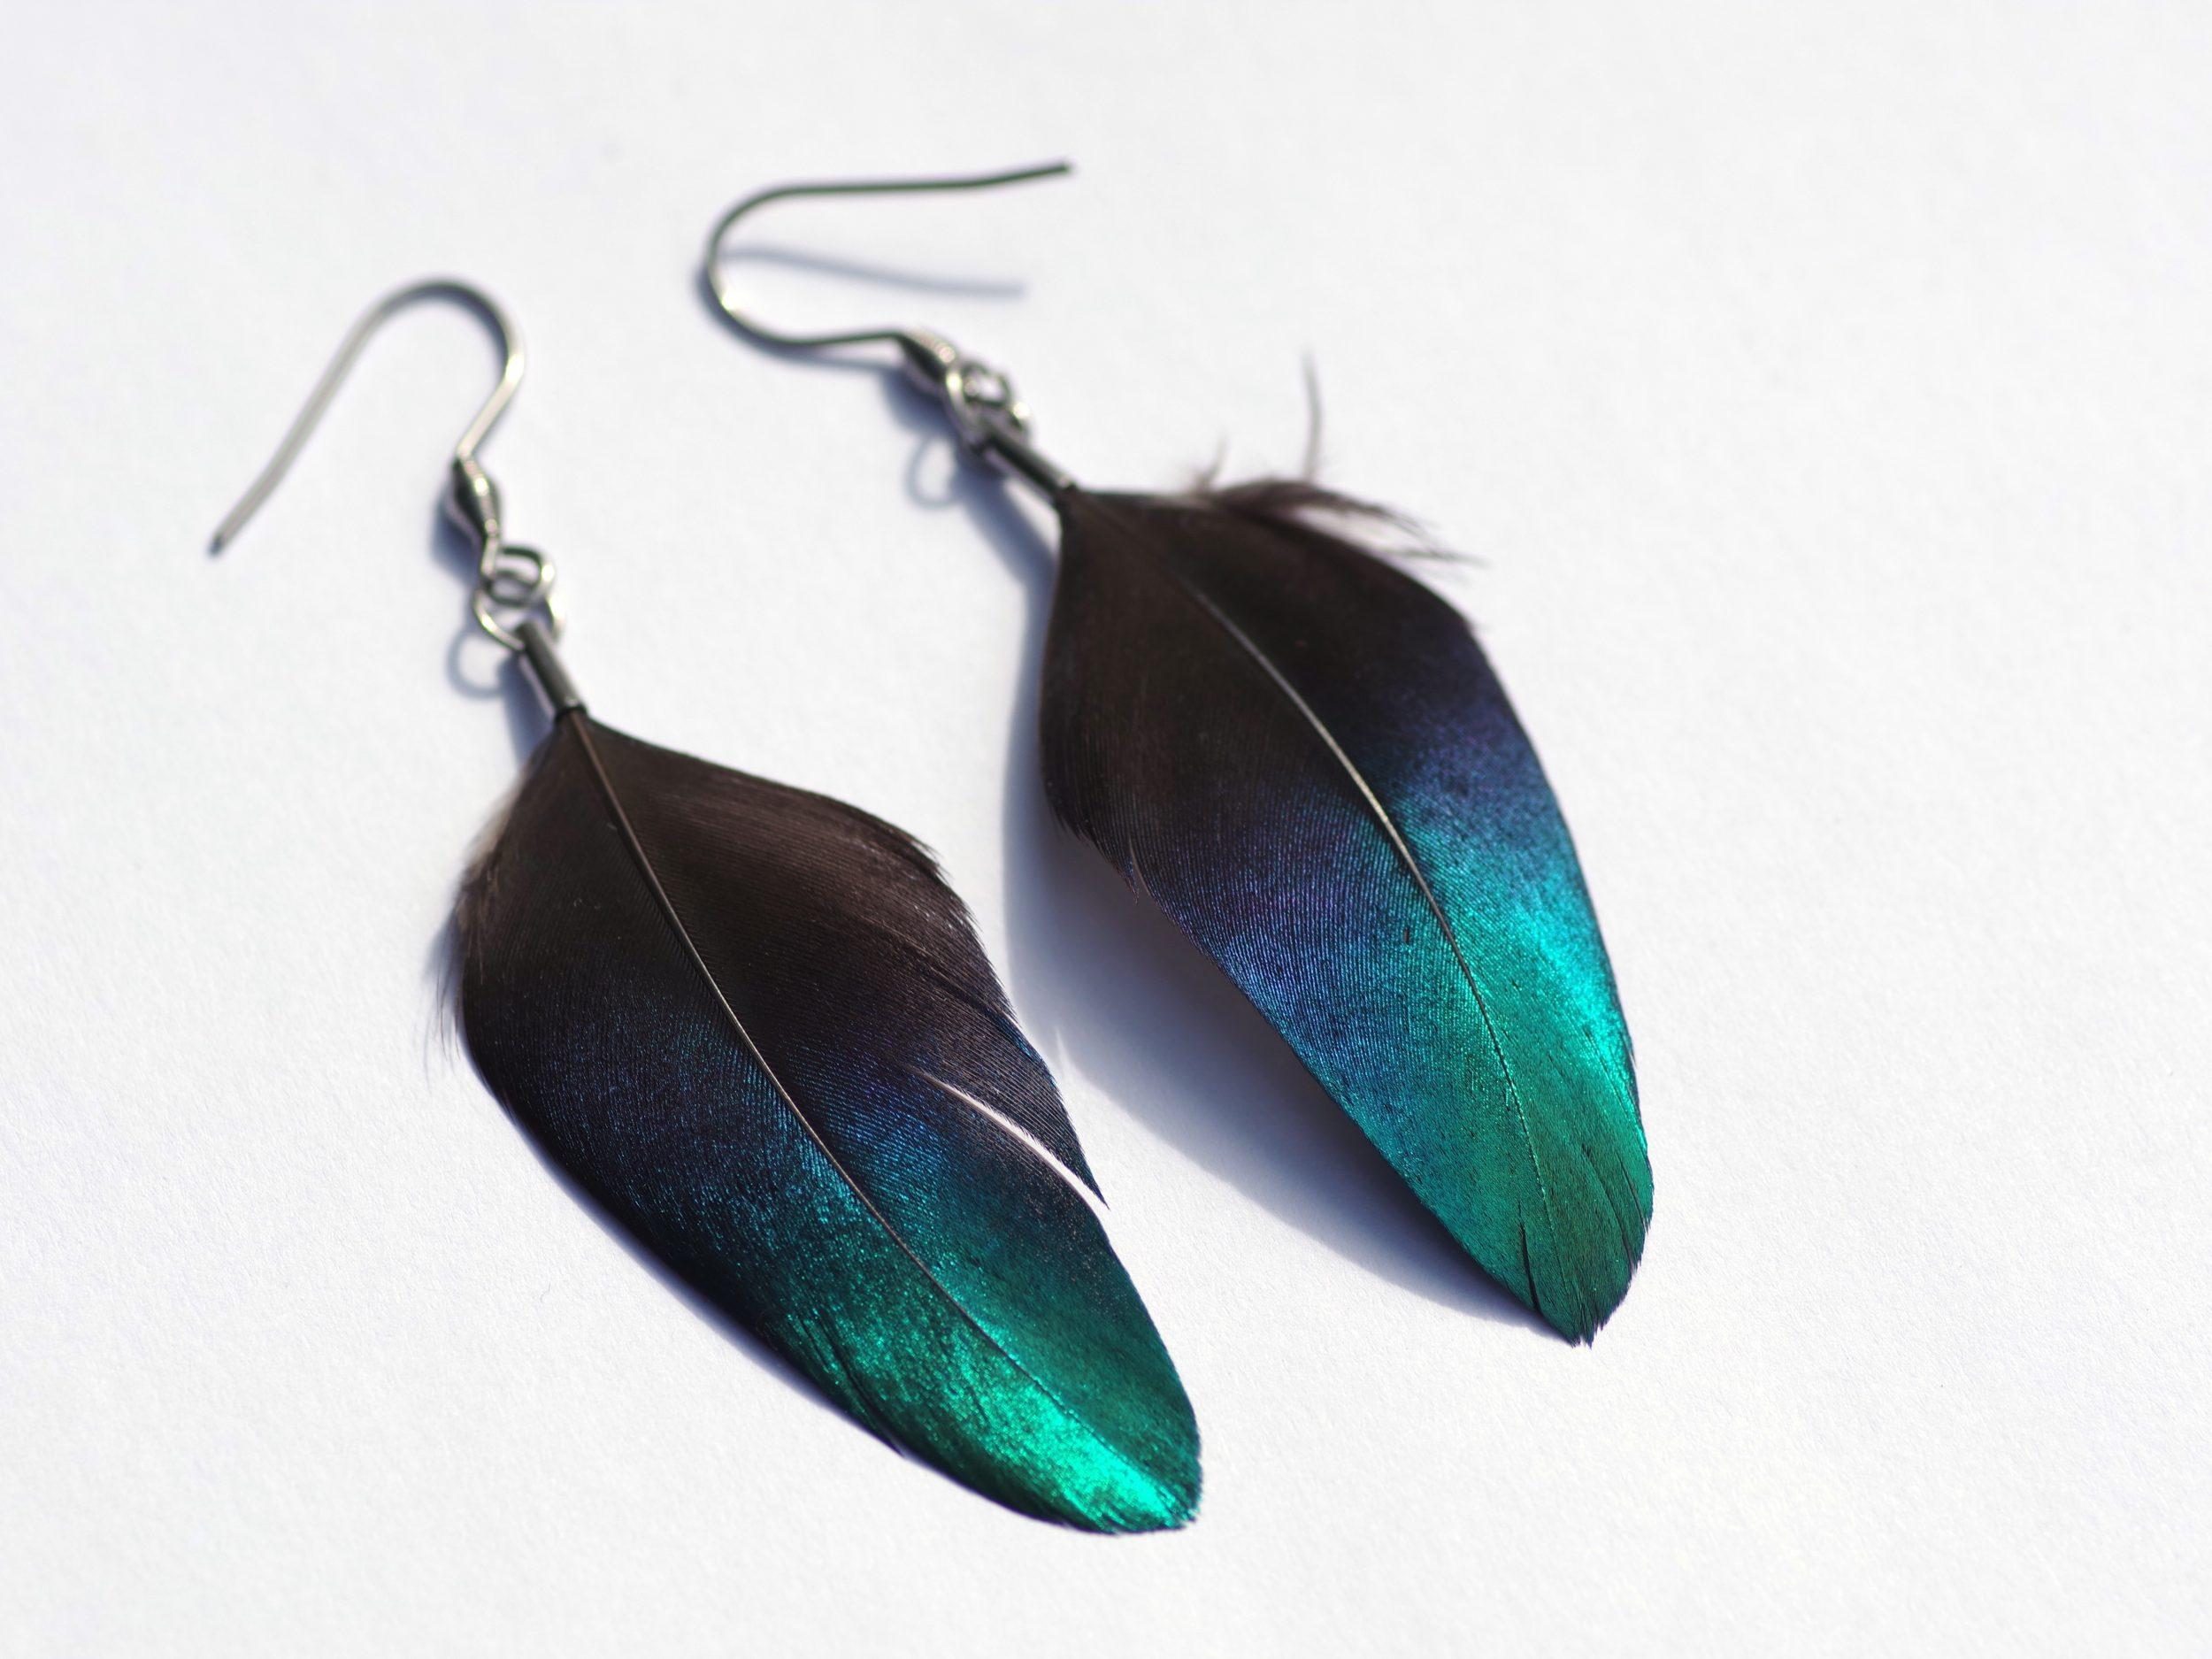 boucles d'oreilles avec une plume à reflets bleus très brillants dans la lumière